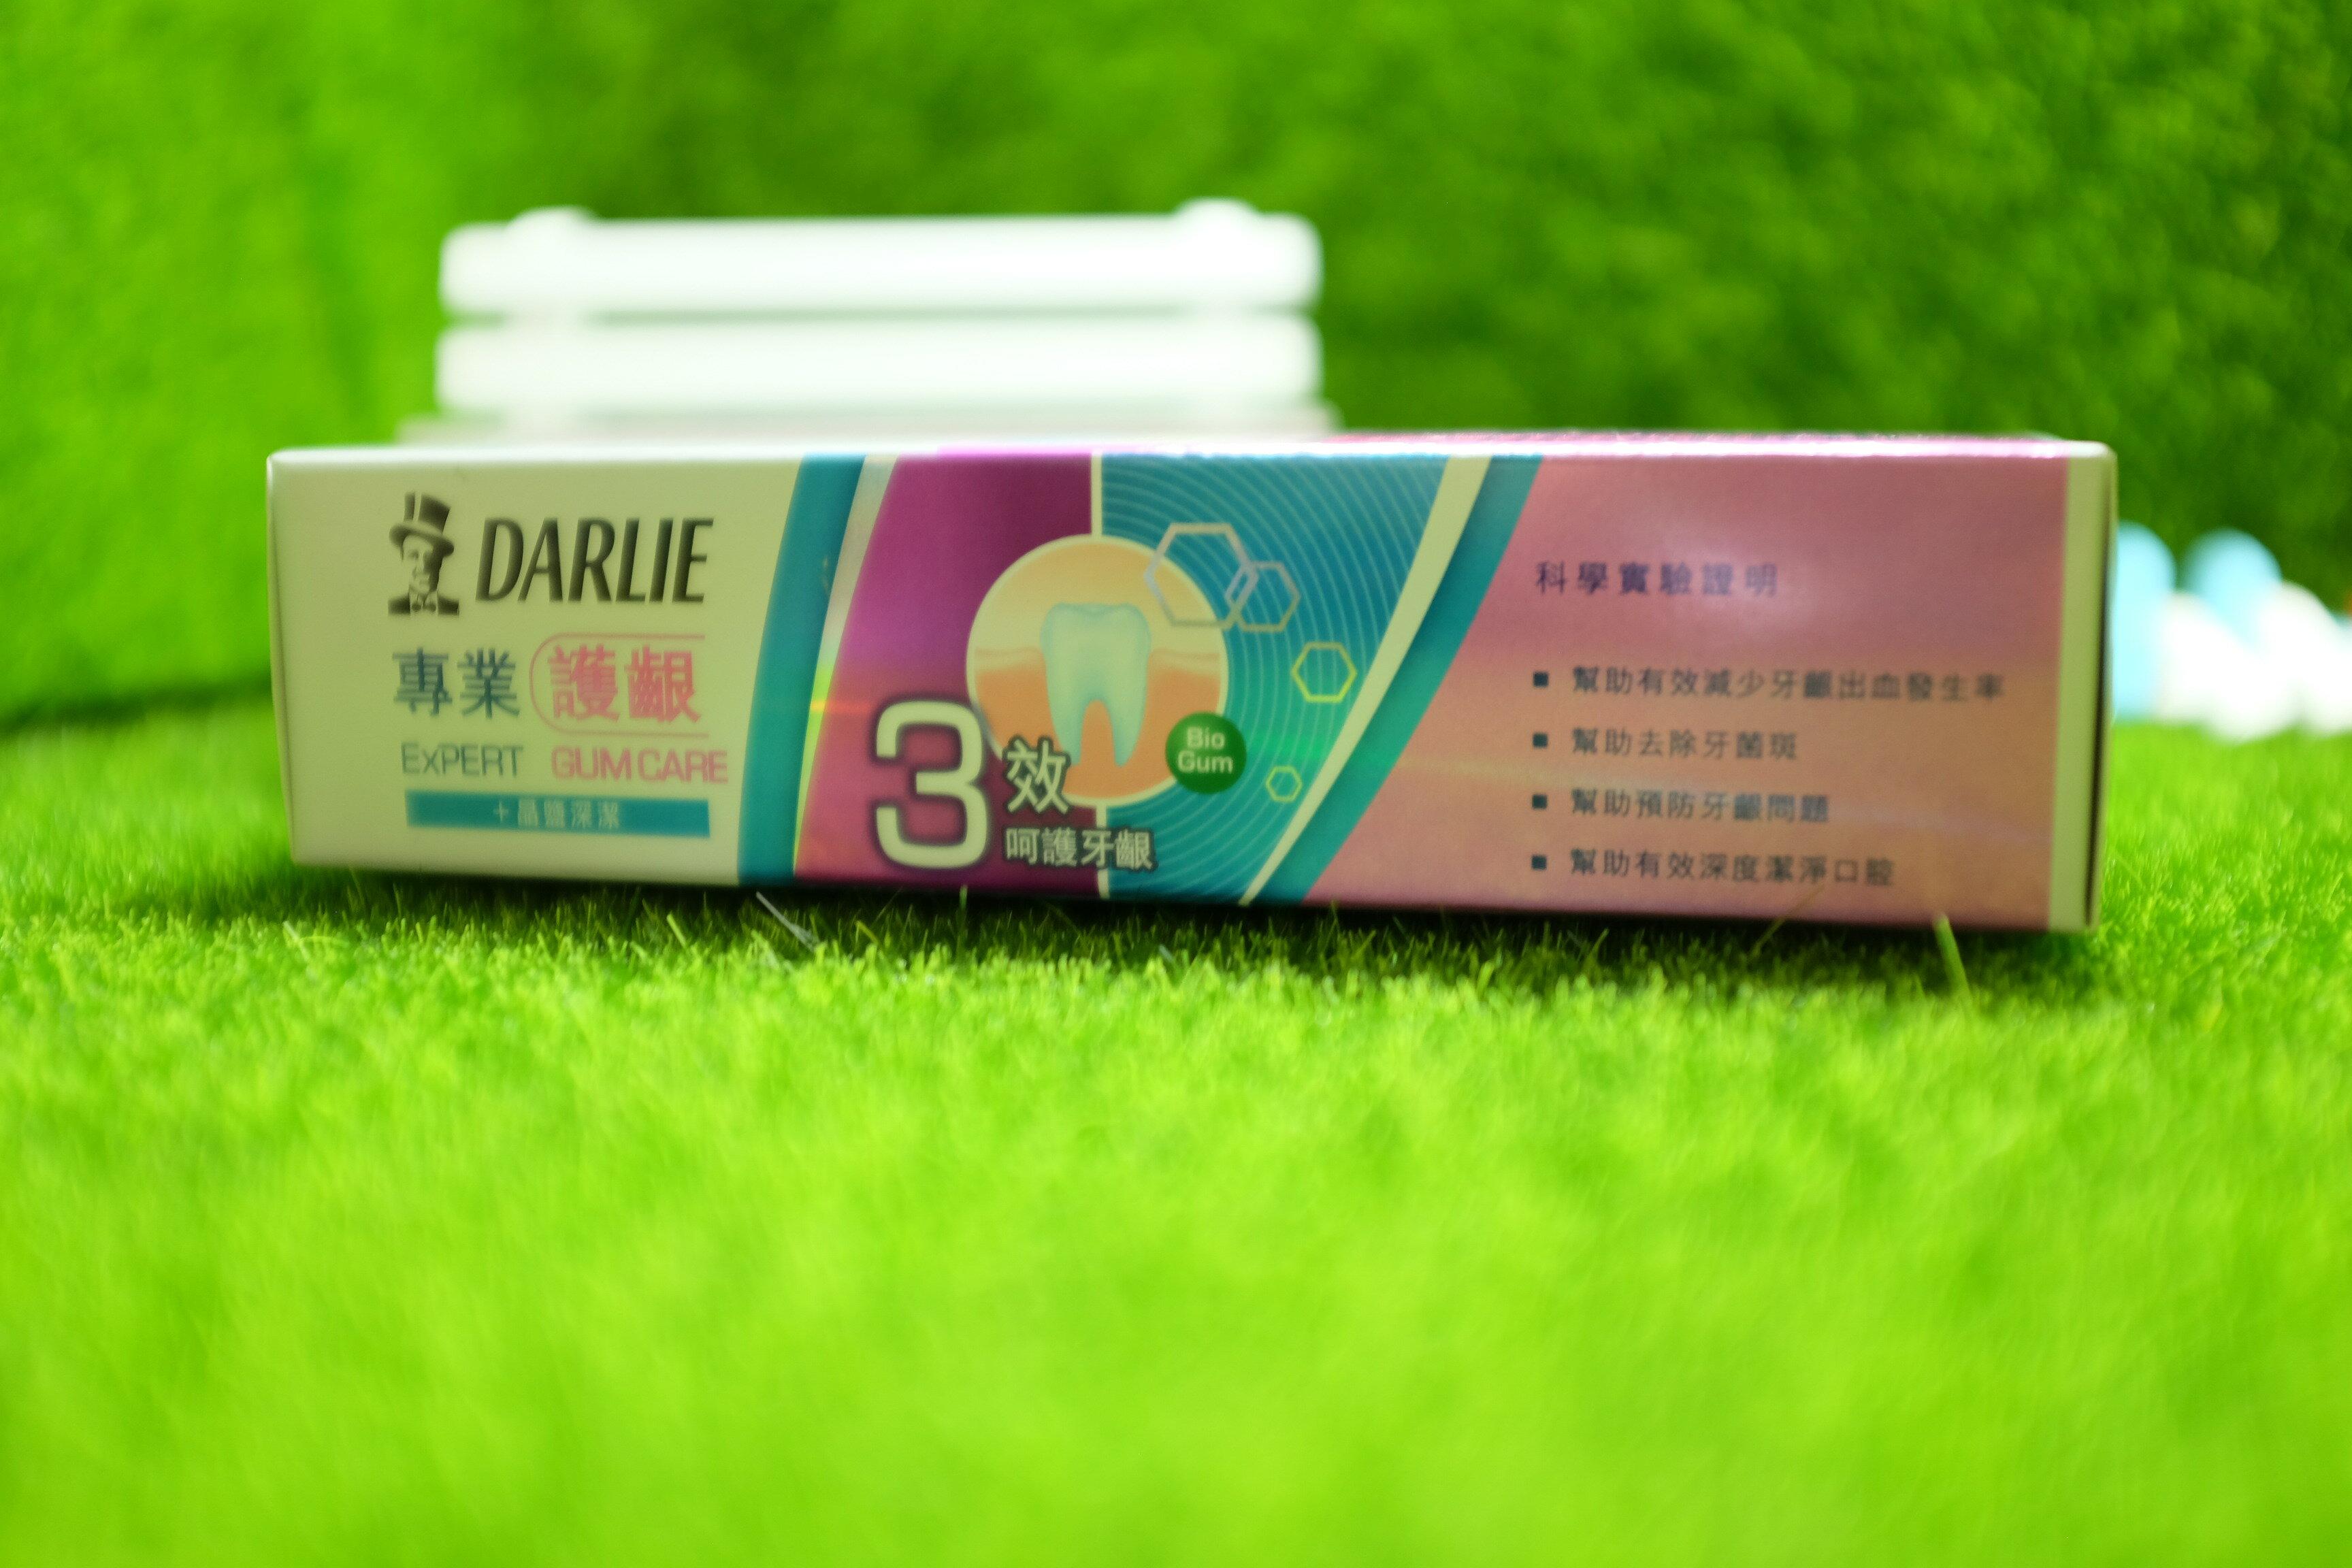 黑人專業護齦 晶鹽深潔牙膏 80g#DARLIE 黑人牙膏